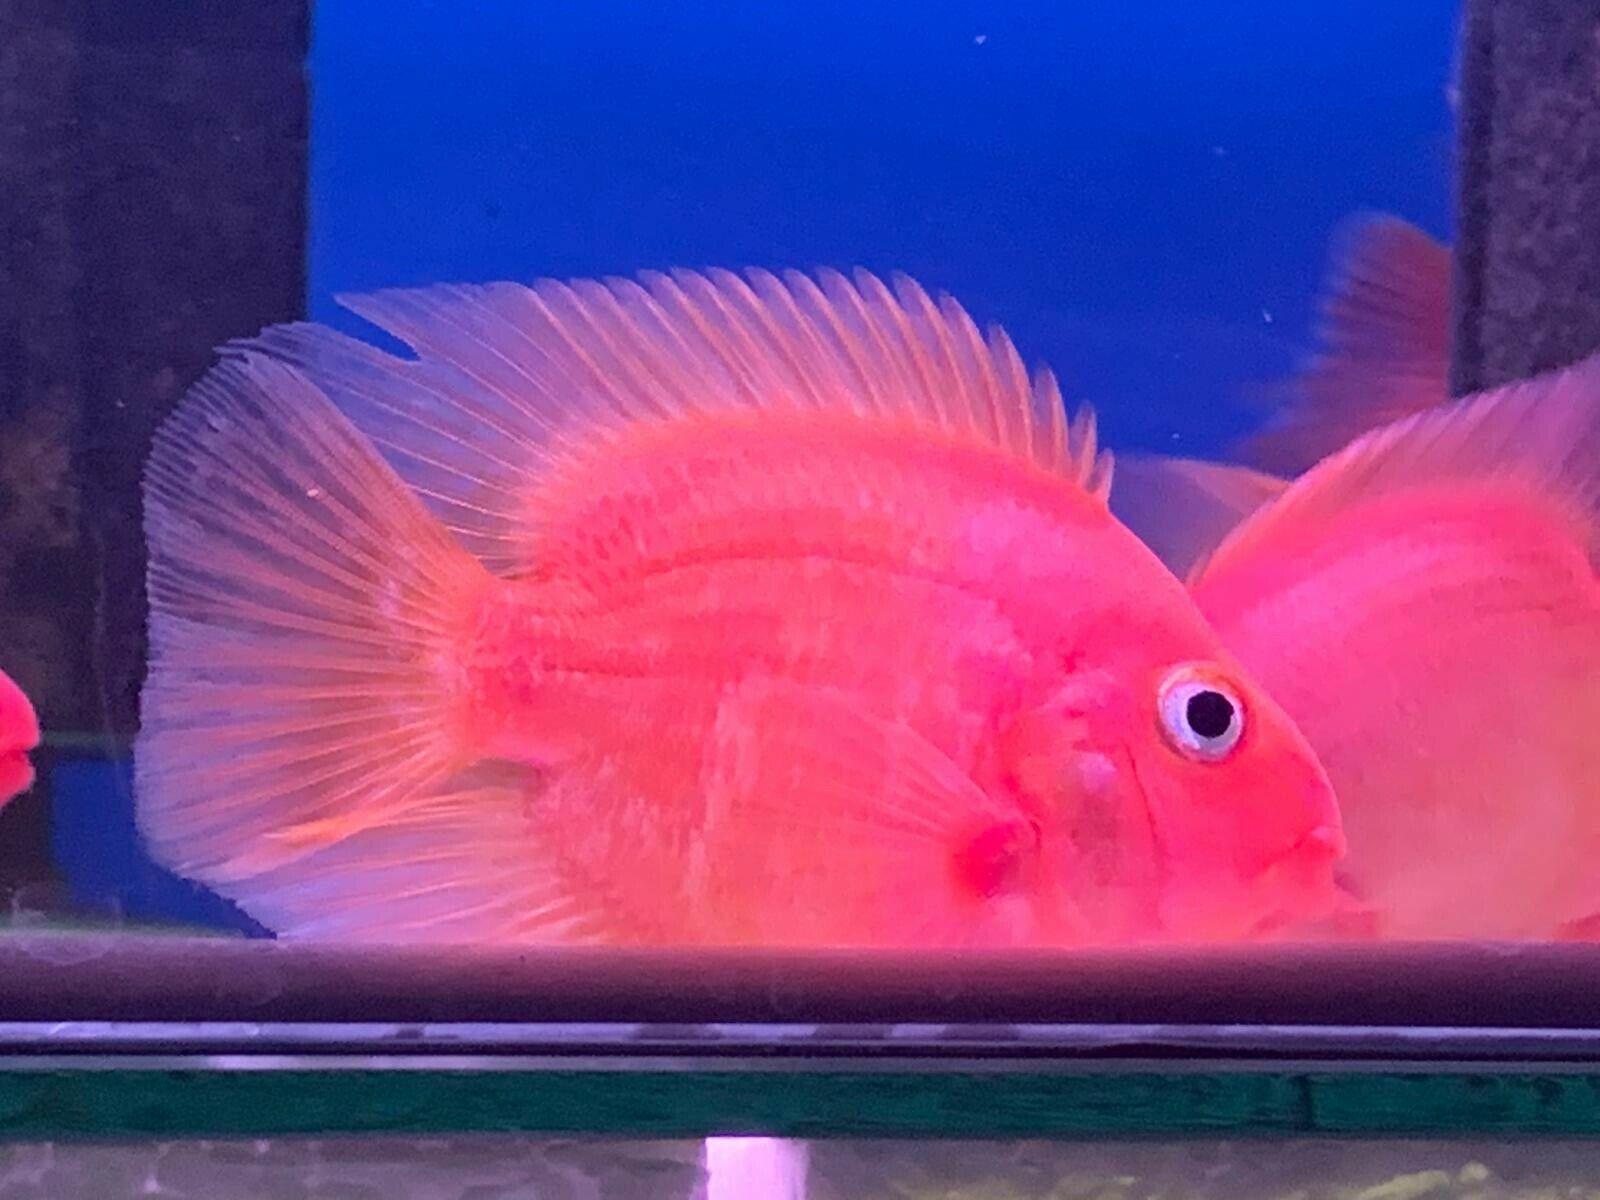 King Kong Parrot Fish Cichlid Cichlids Parrot Fish Fish Pet